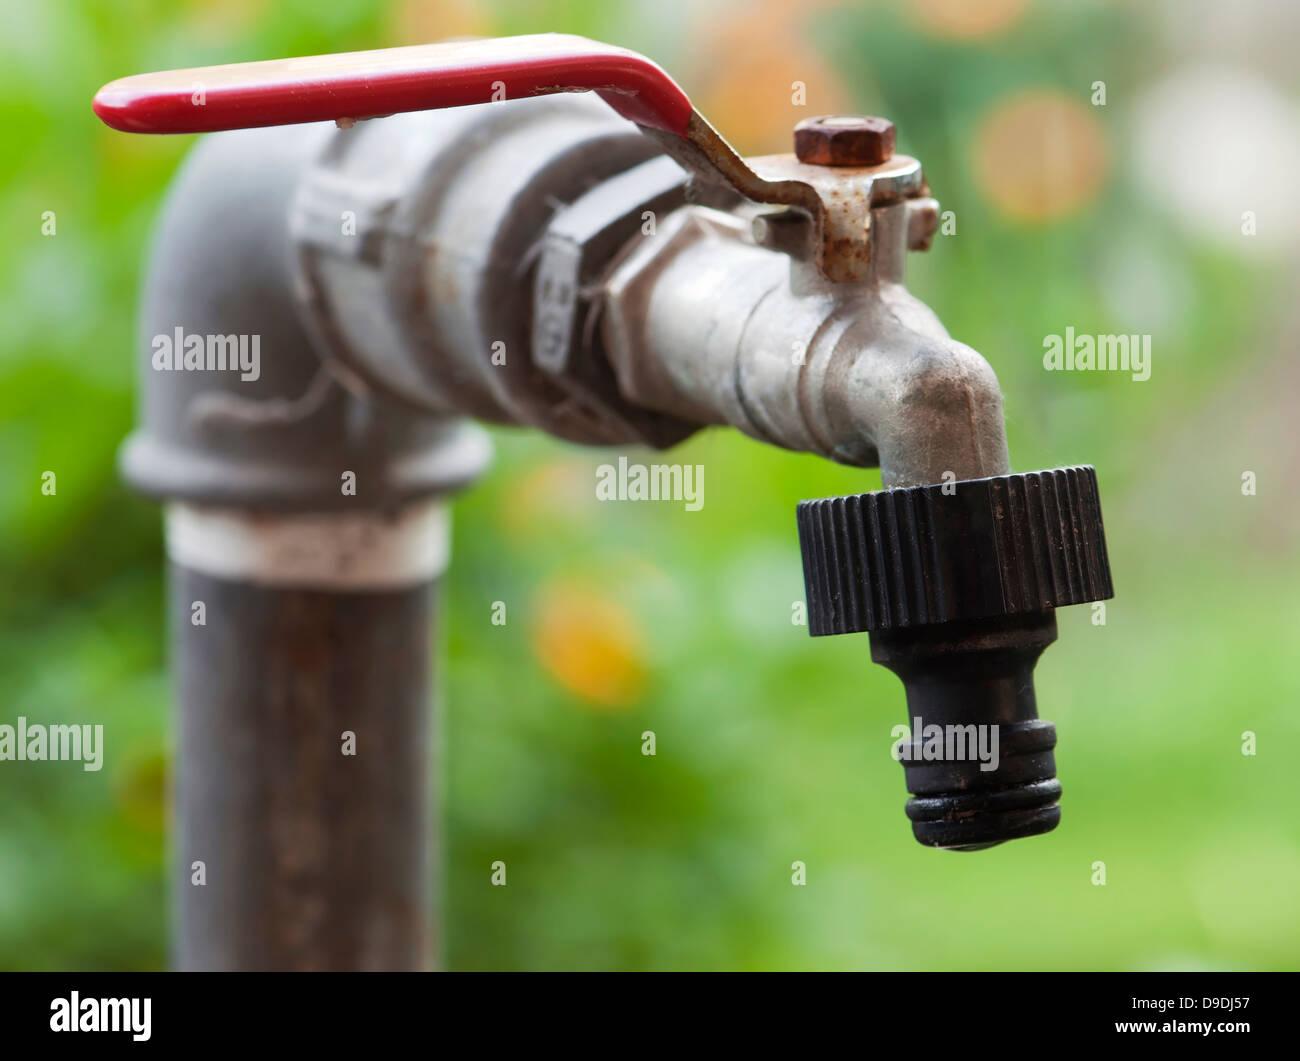 Garden Faucet Stock Photos Garden Faucet Stock Images Alamy